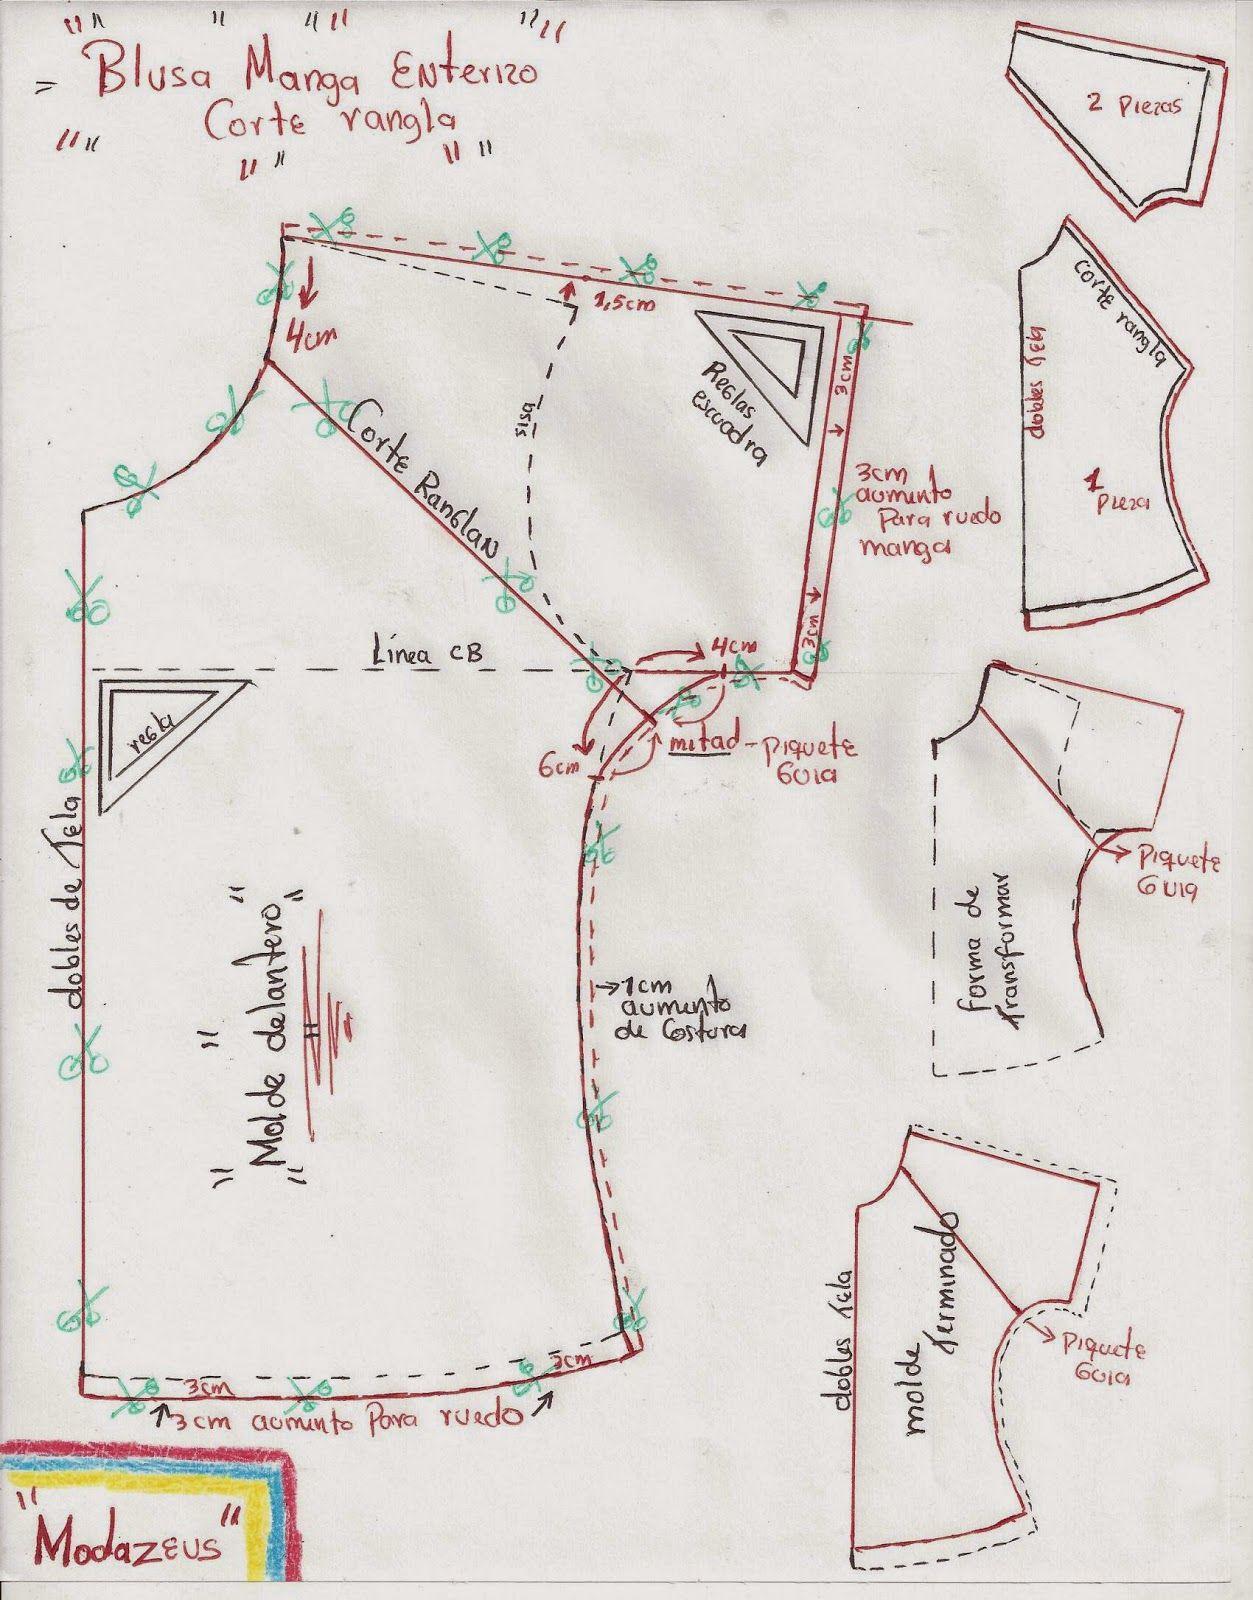 patron de blusa corte ranglan … | costura | Pinte…